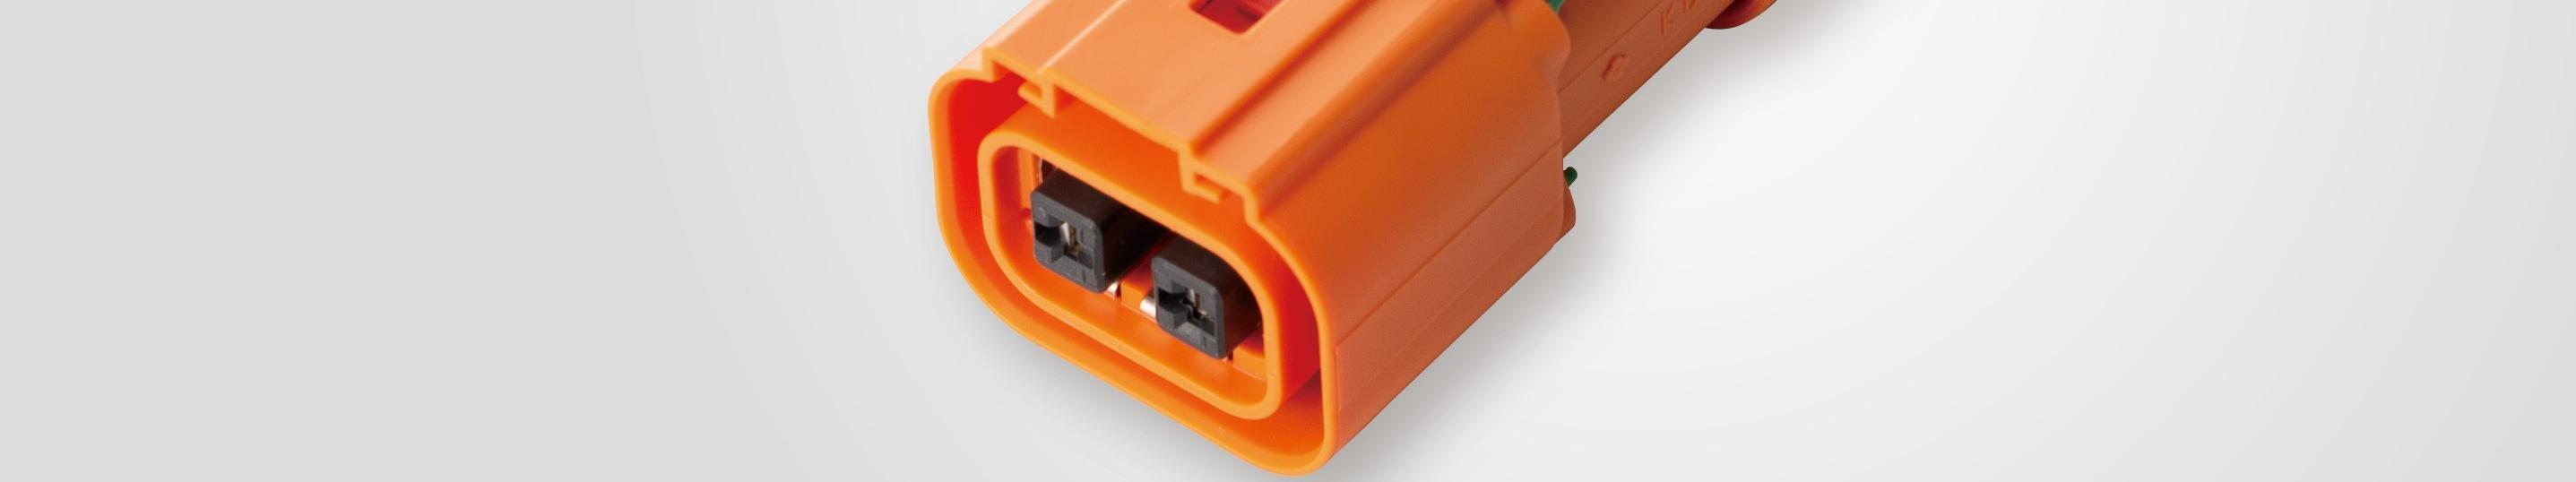 High-Voltage Connectors